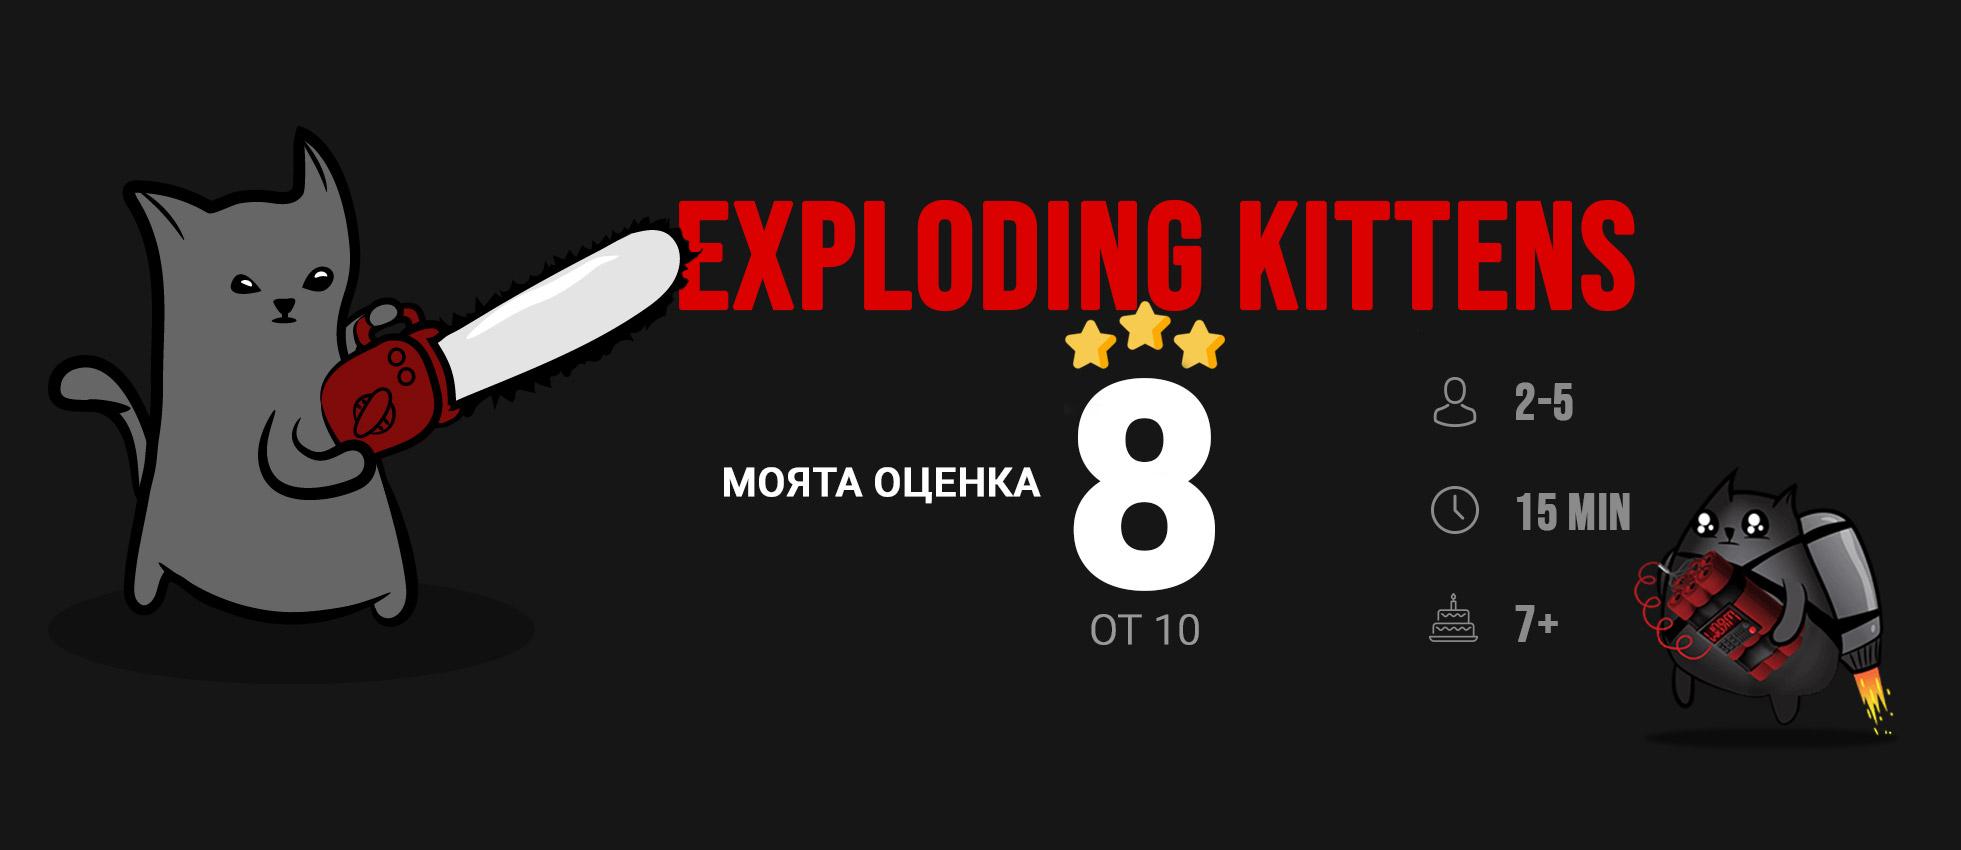 Оценка за Експлодиращите котки на български